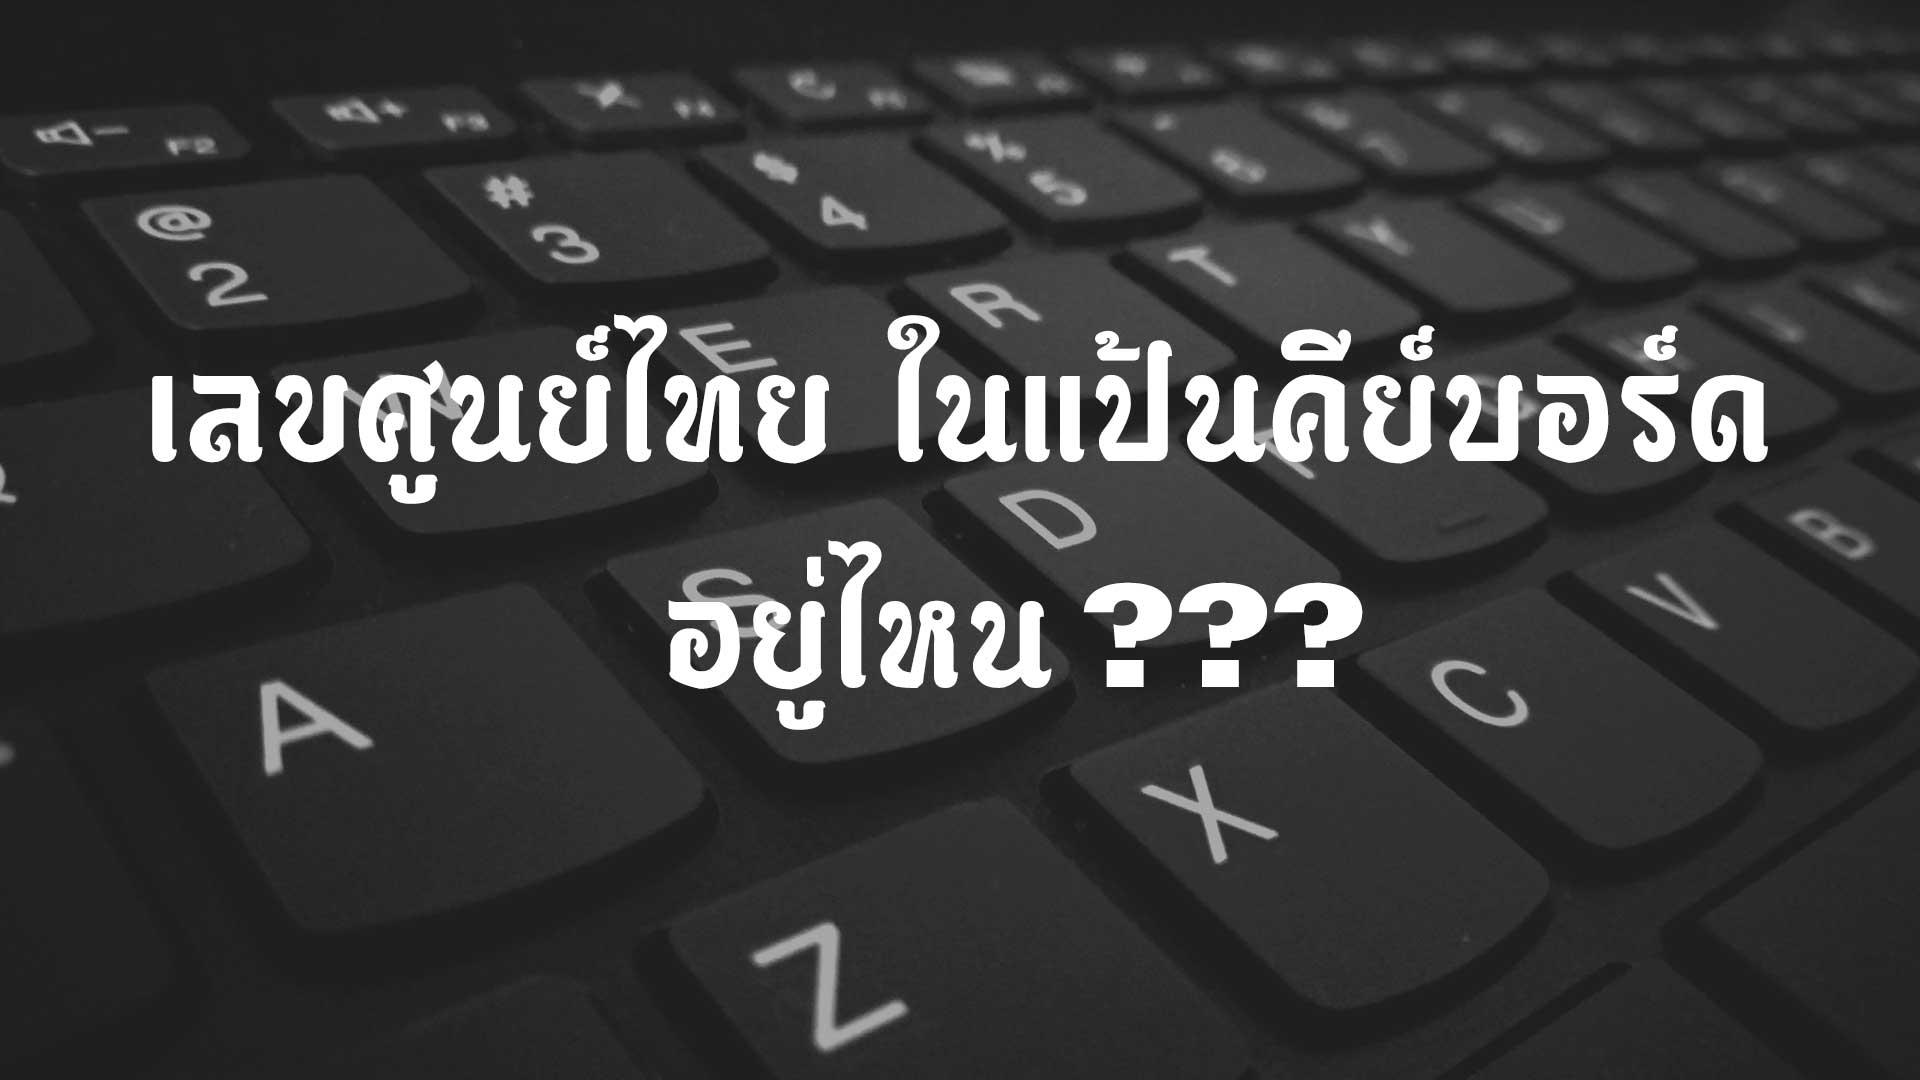 ศูนย์ไทย บนแป้นคีย์บอร์ดอยู่ไหน